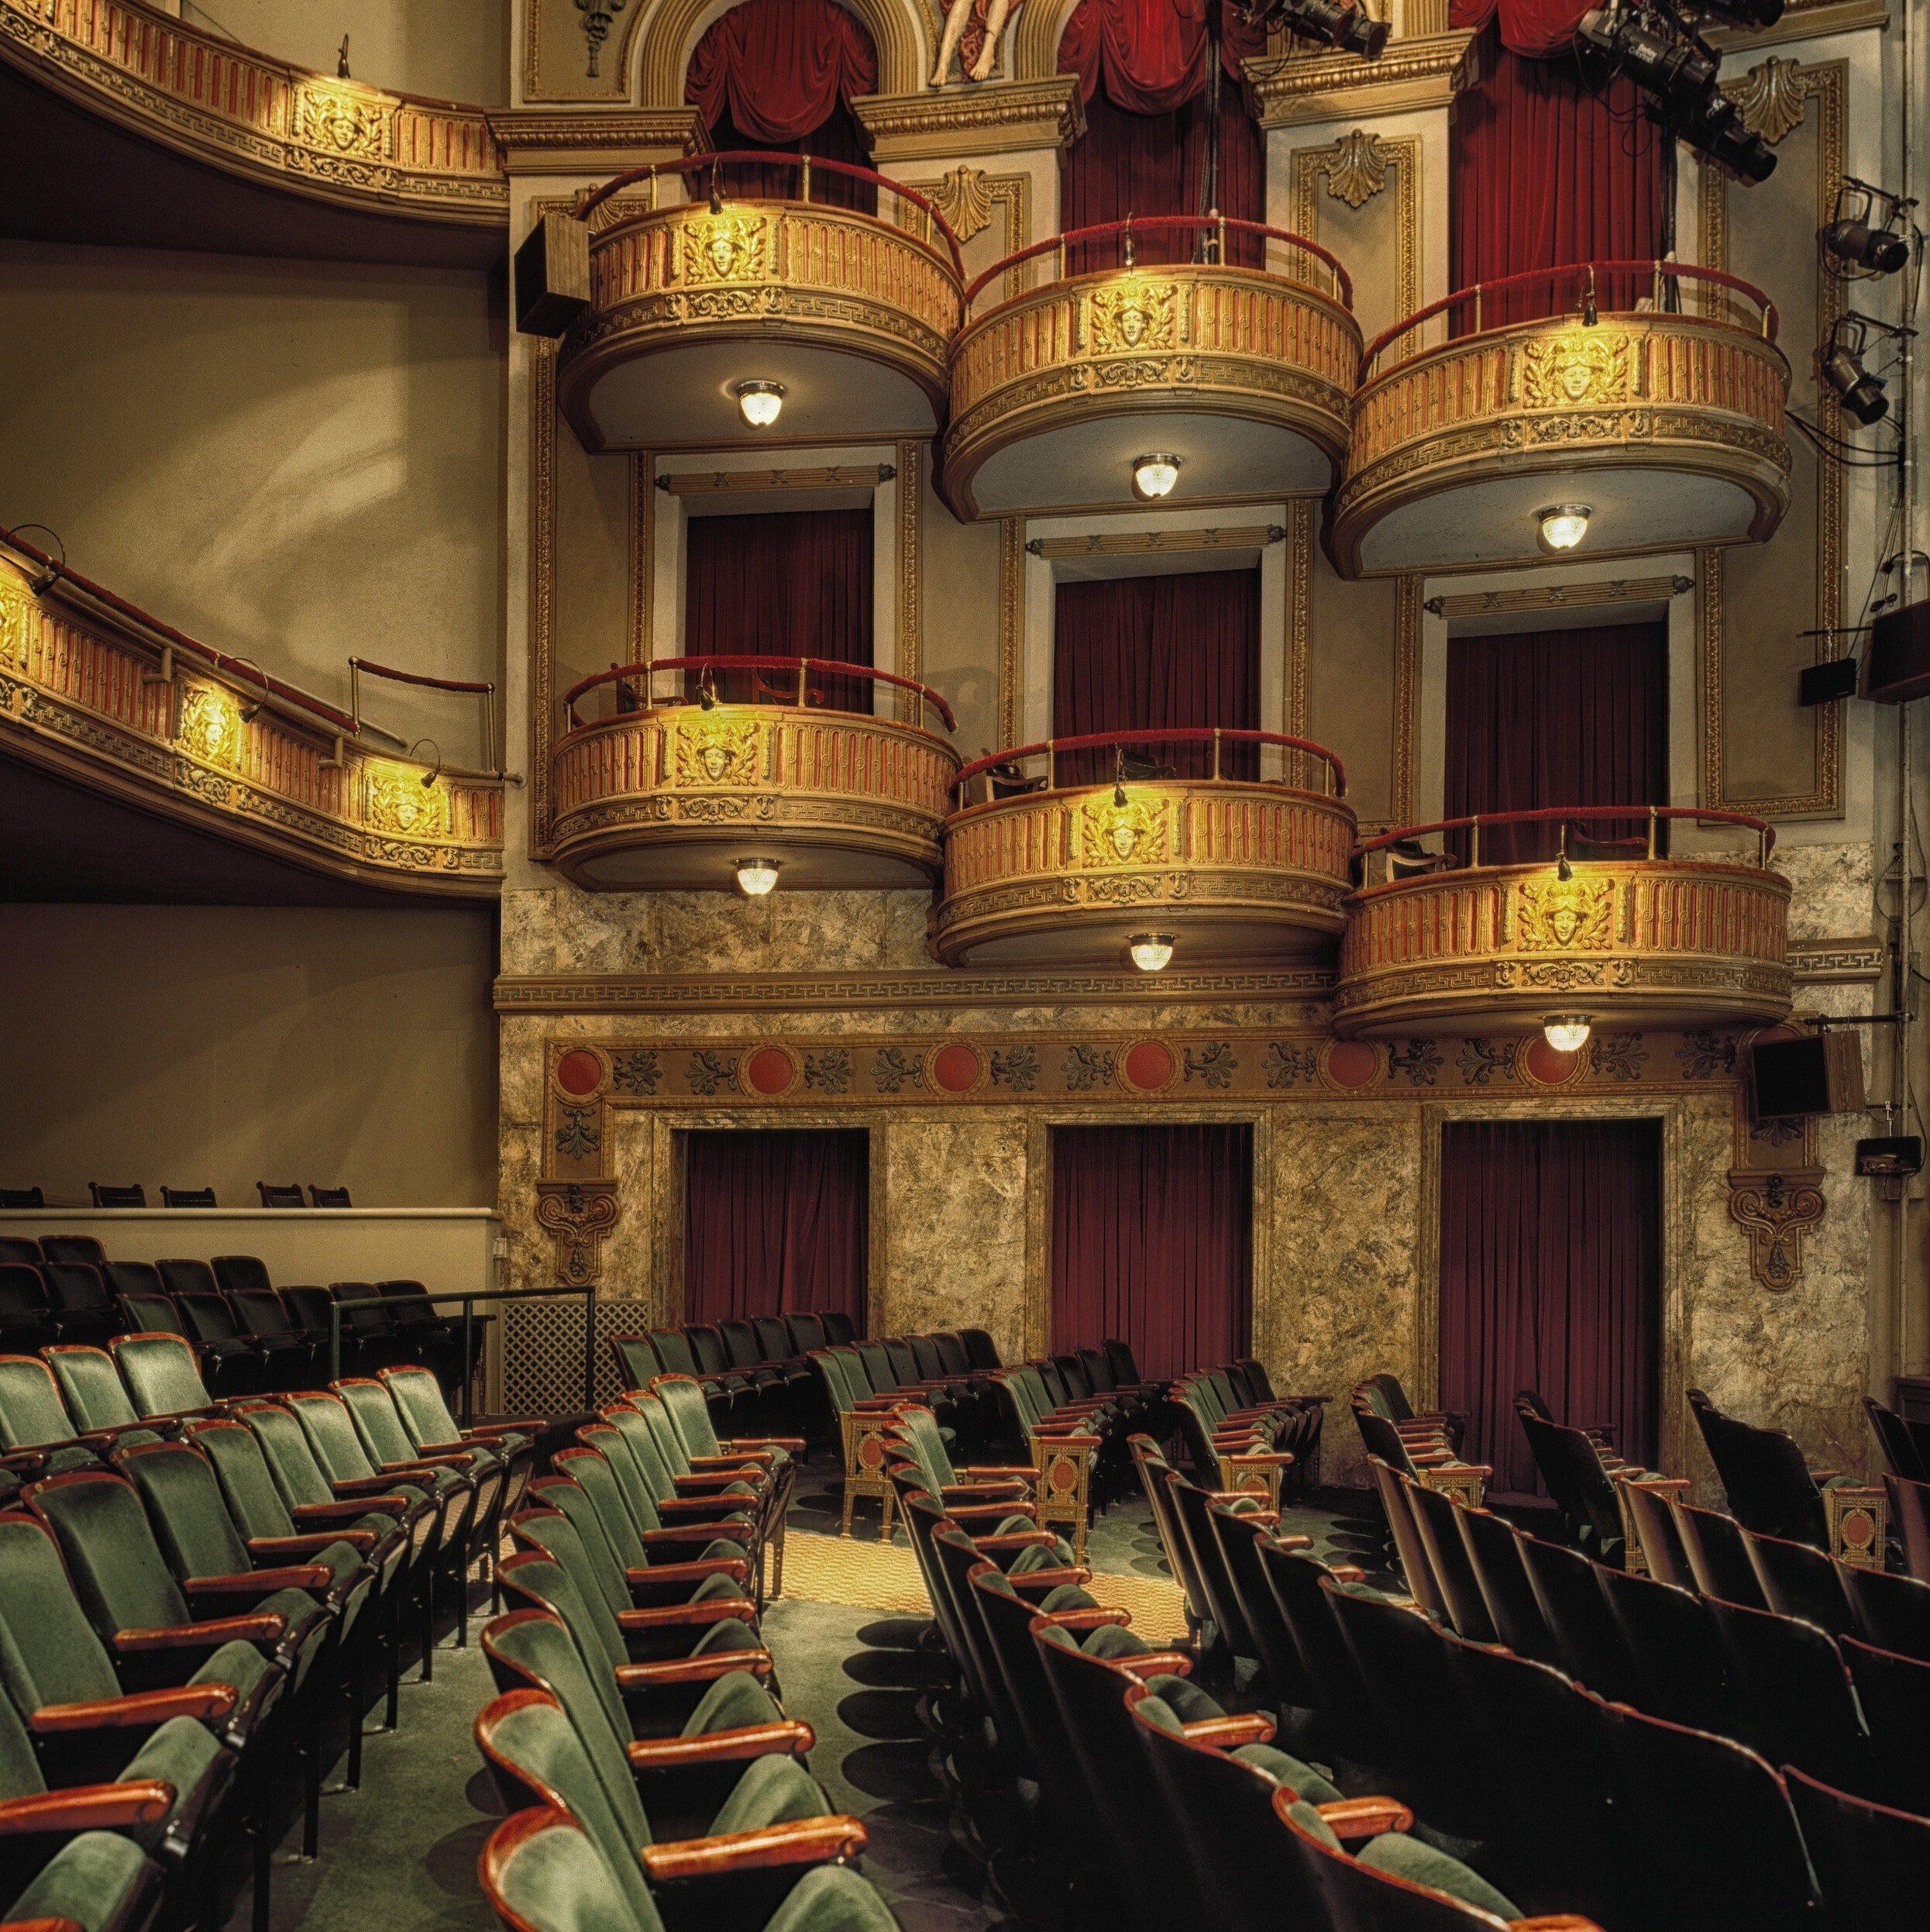 Der Zuschauerraum eines Theaters mit smaragdgrünen Sitzen in Samt und goldenen Rängen, sowie roten Vorhängen.